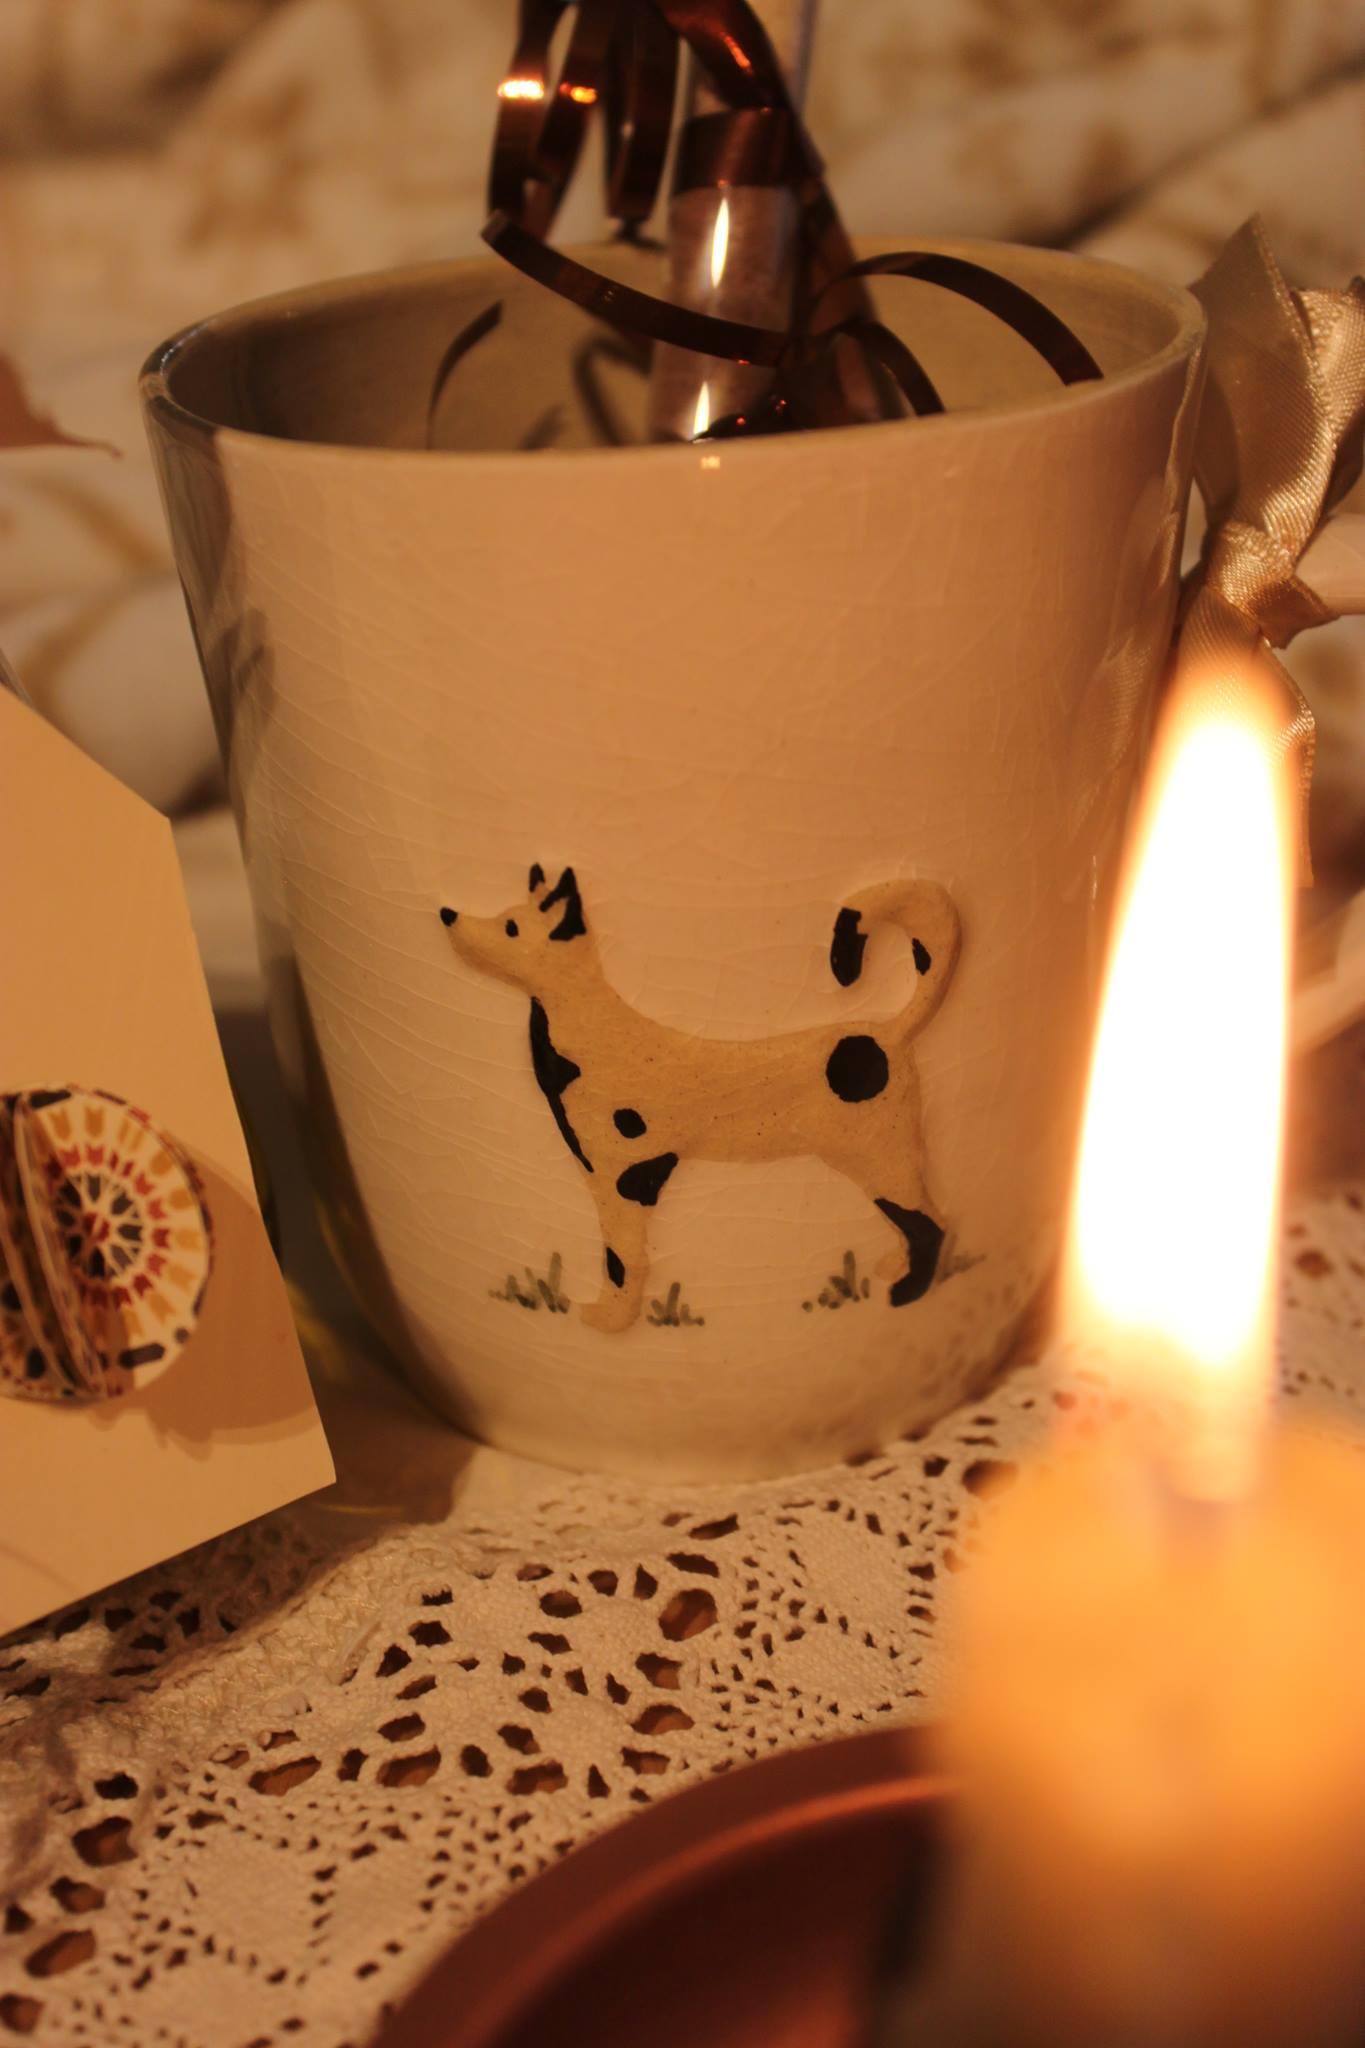 sonja macht - kleine geschenke aus der küche - sarah's backblog